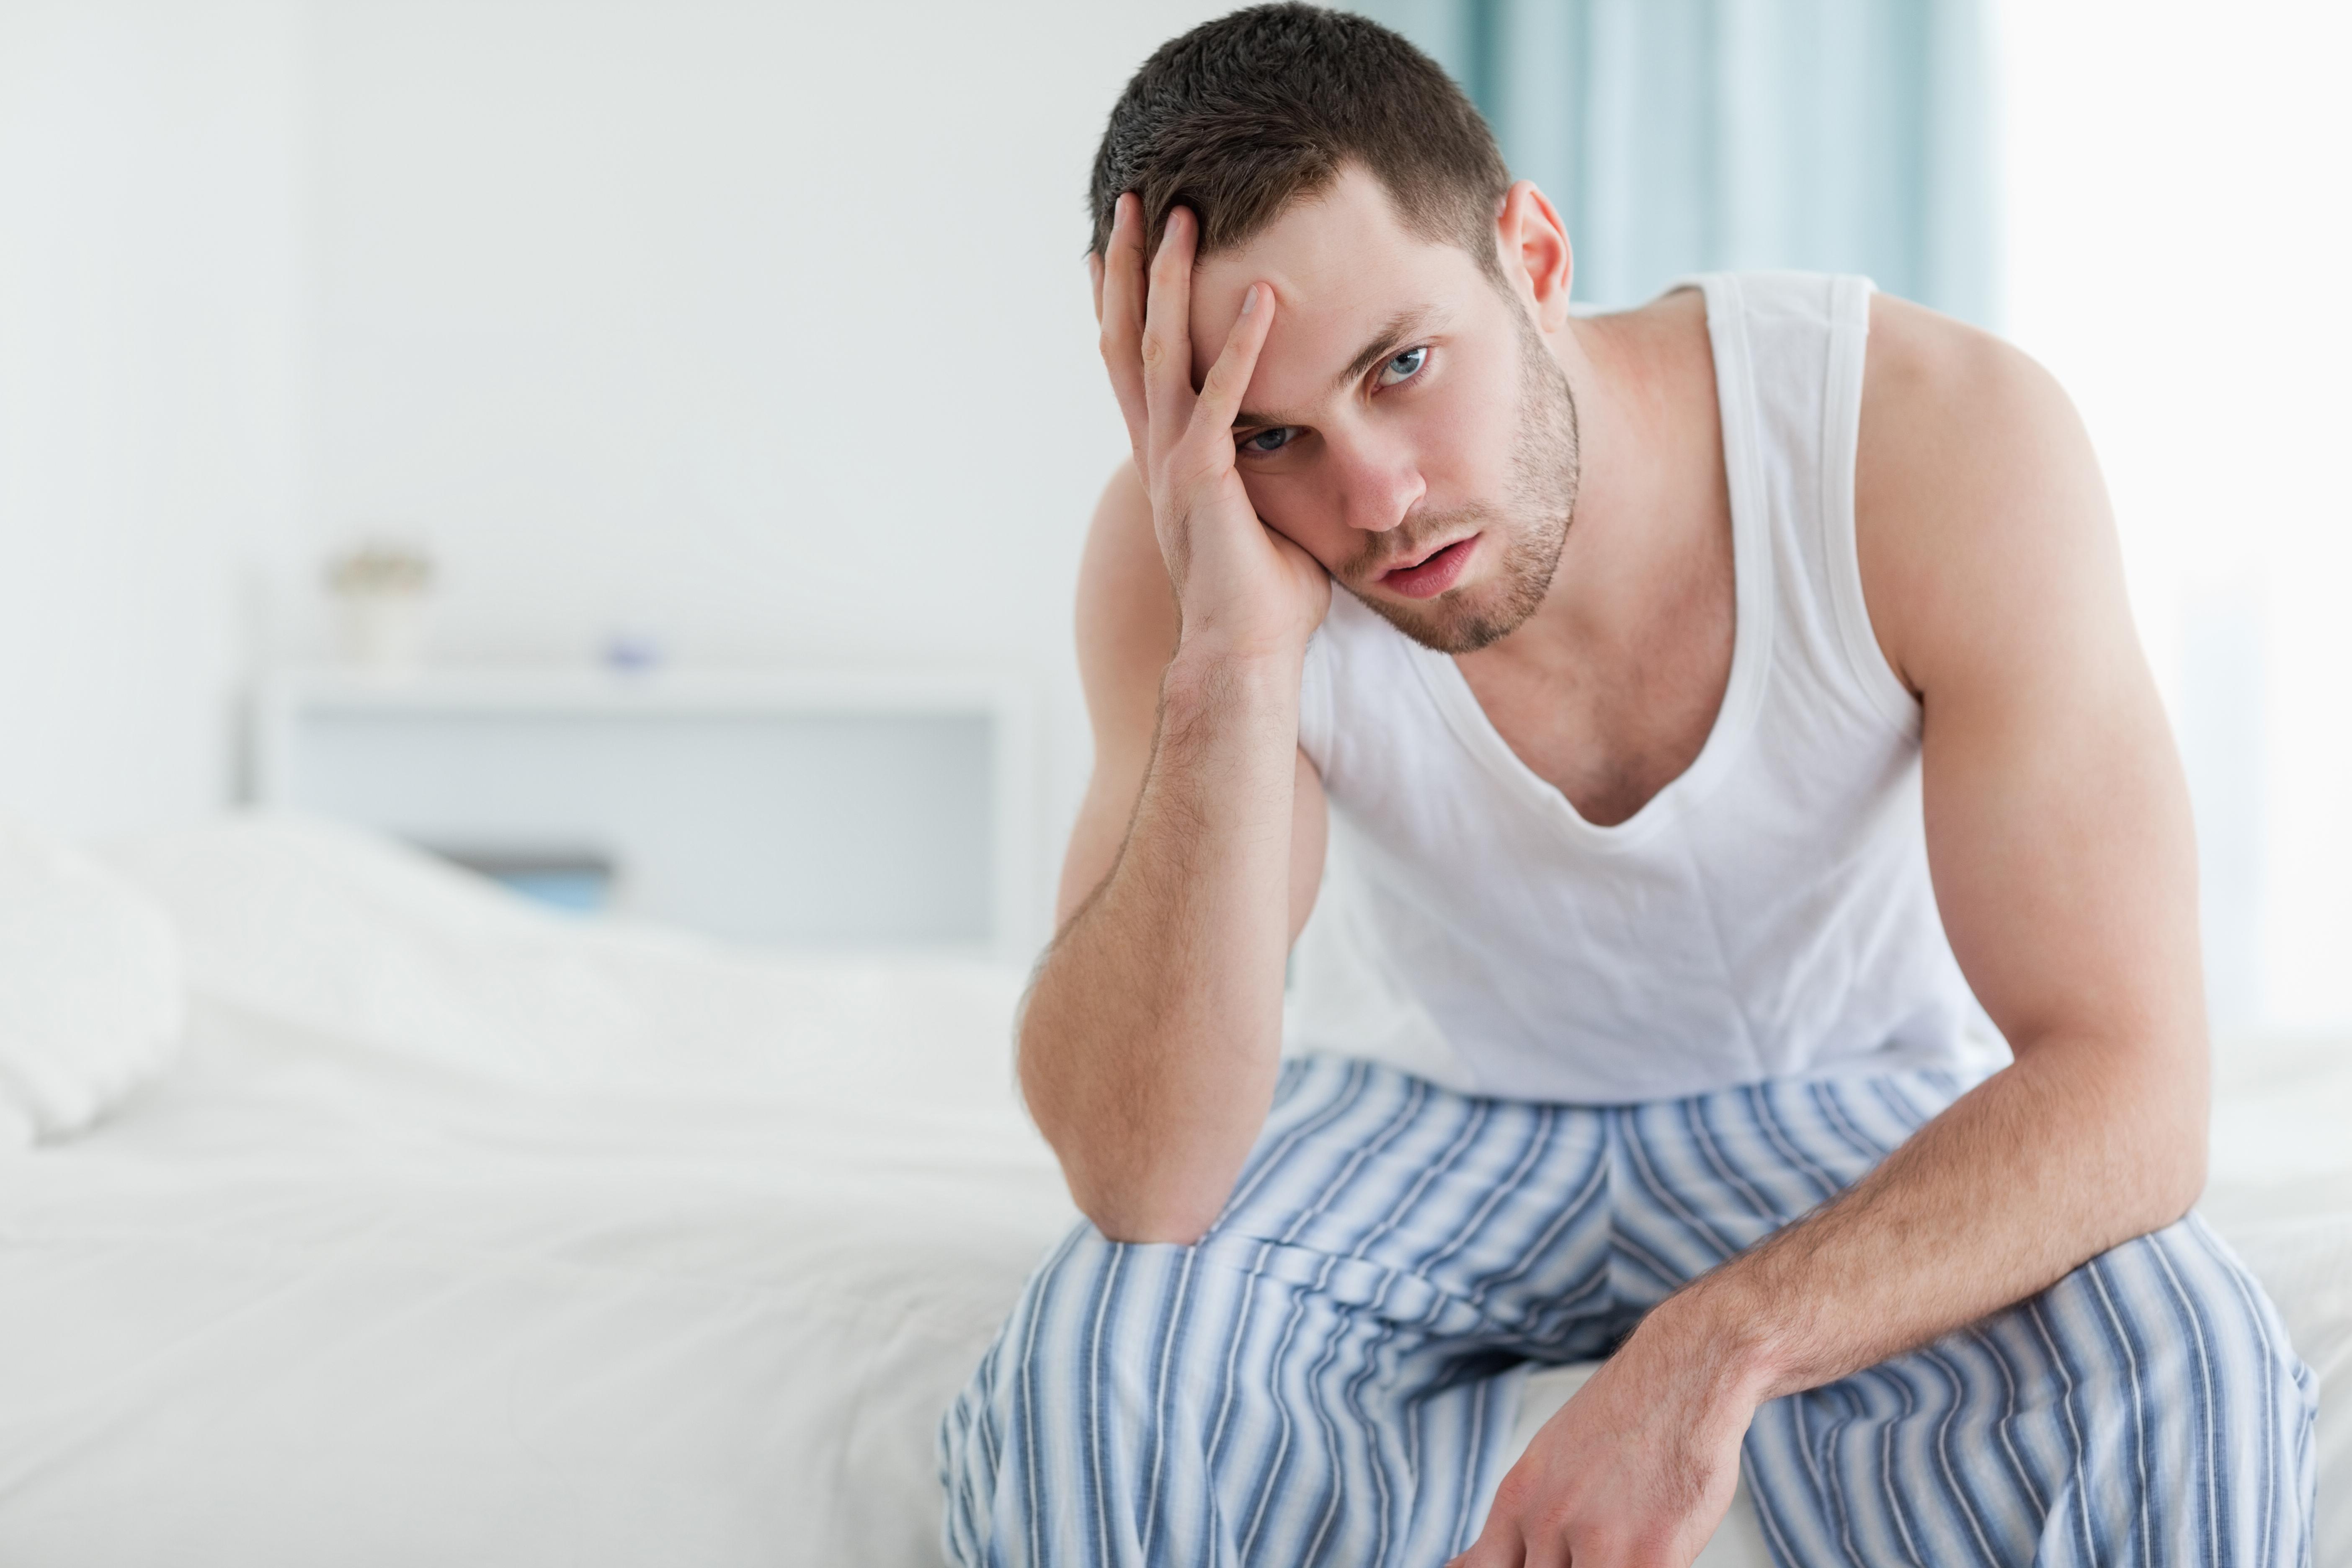 Mycket talar för att långvarig sömnstörning är en bidragande orsak till utbrändhet.